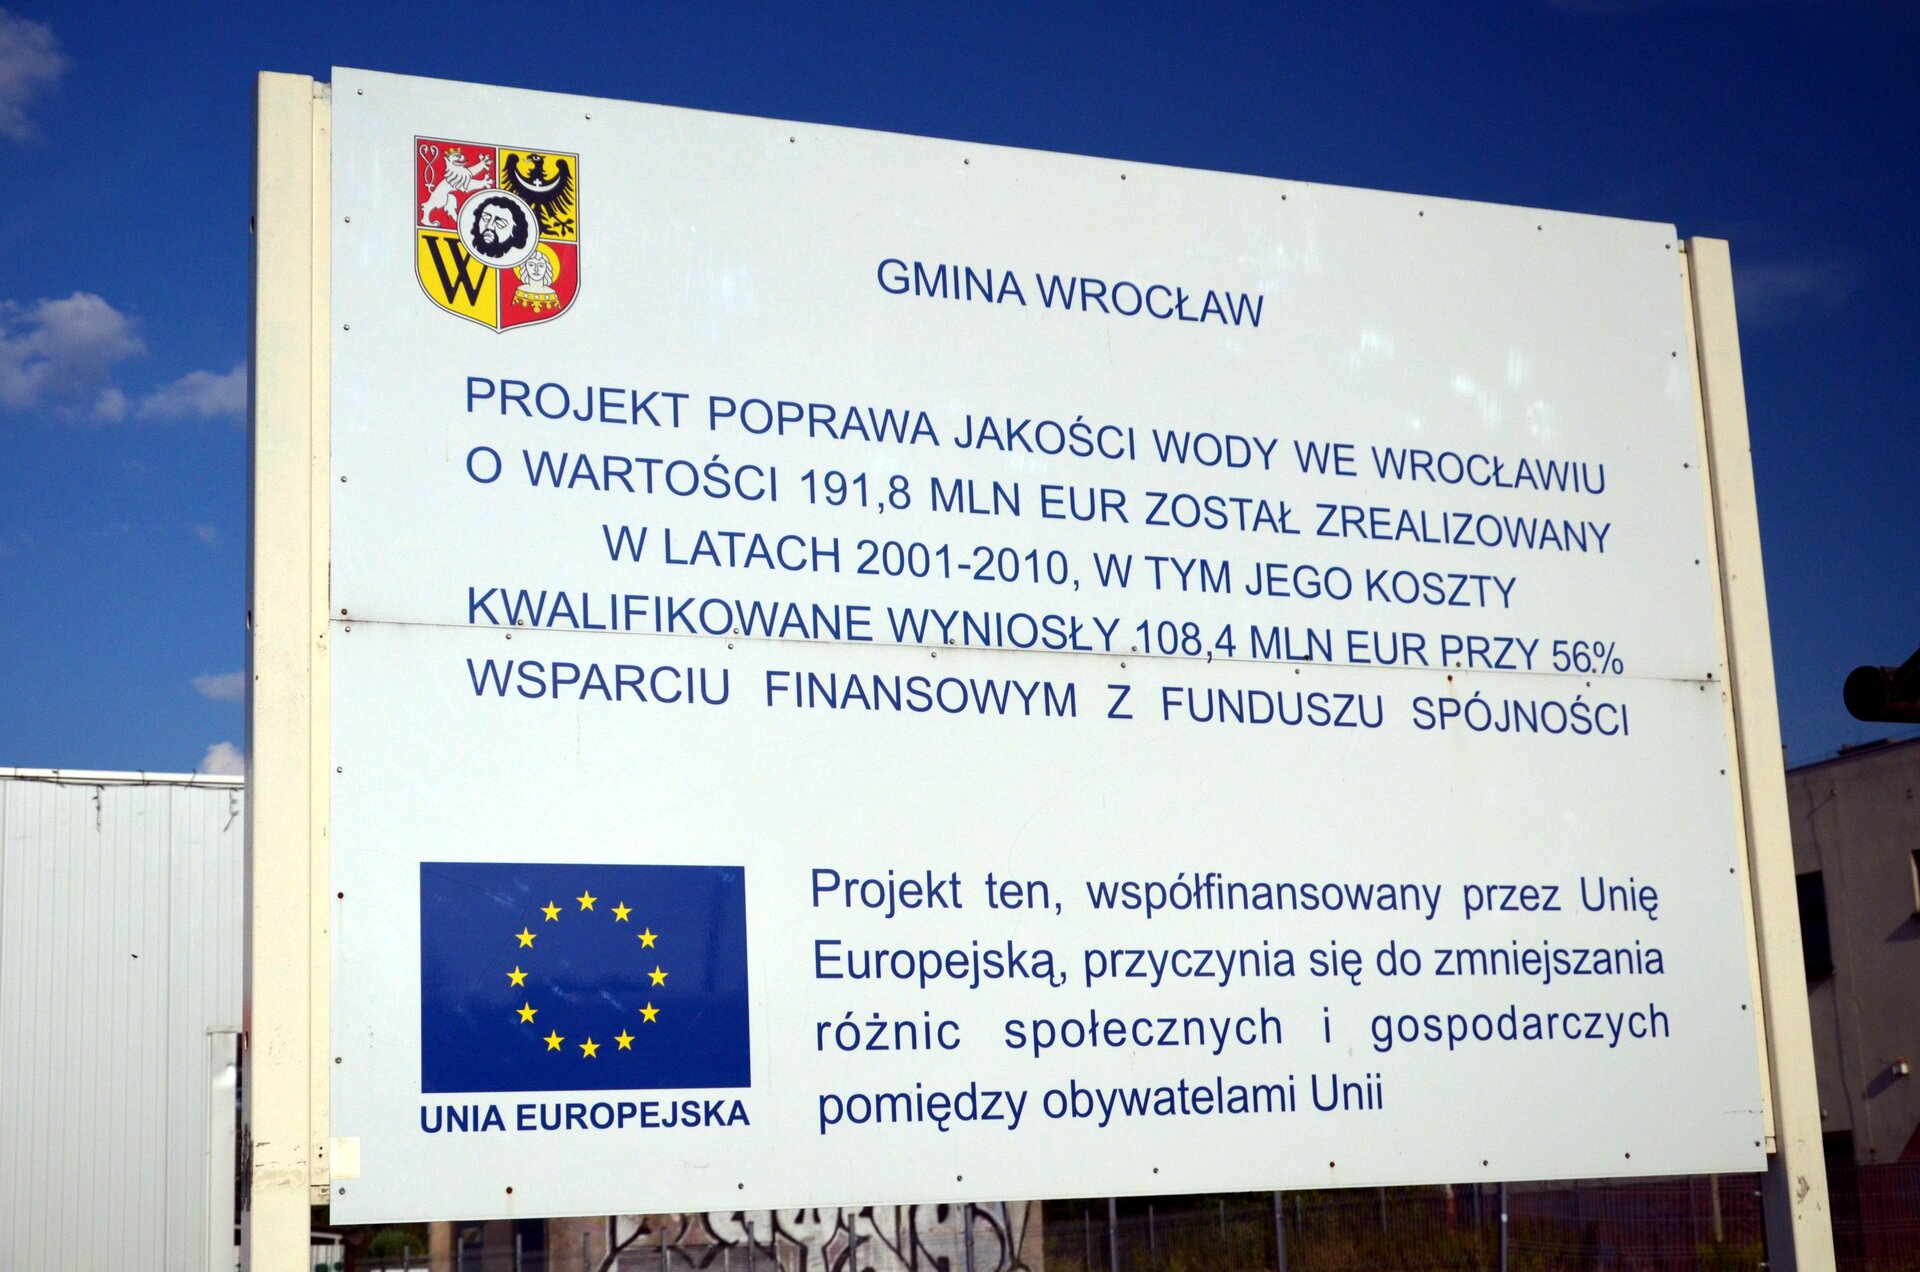 Na zdjęciu biała tablica zherbem Wrocławia iflagą Unii Europejskiej znapisem: Gmina Wrocław, projekt poprawa jakości wody we Wrocławiu owartości sto dziewięćdziesiąt jeden iosiem dziesiątych miliona euro został zrealizowany wlatach dwa tysiące jeden – dwa tysiące dziesięć, wtym jego koszty kwalifikowane wyniosły sto osiem icztery dziesiąte miliona euro przy pięćdziesięcio sześcio procentowym wsparciu finansowym zfunduszu spójności. Projekt ten, współfinansowany przez przez Unię Europejską, przyczynia się do zmniejszania różnic społecznych igospodarczych pomiędzy obywatelami Unii.